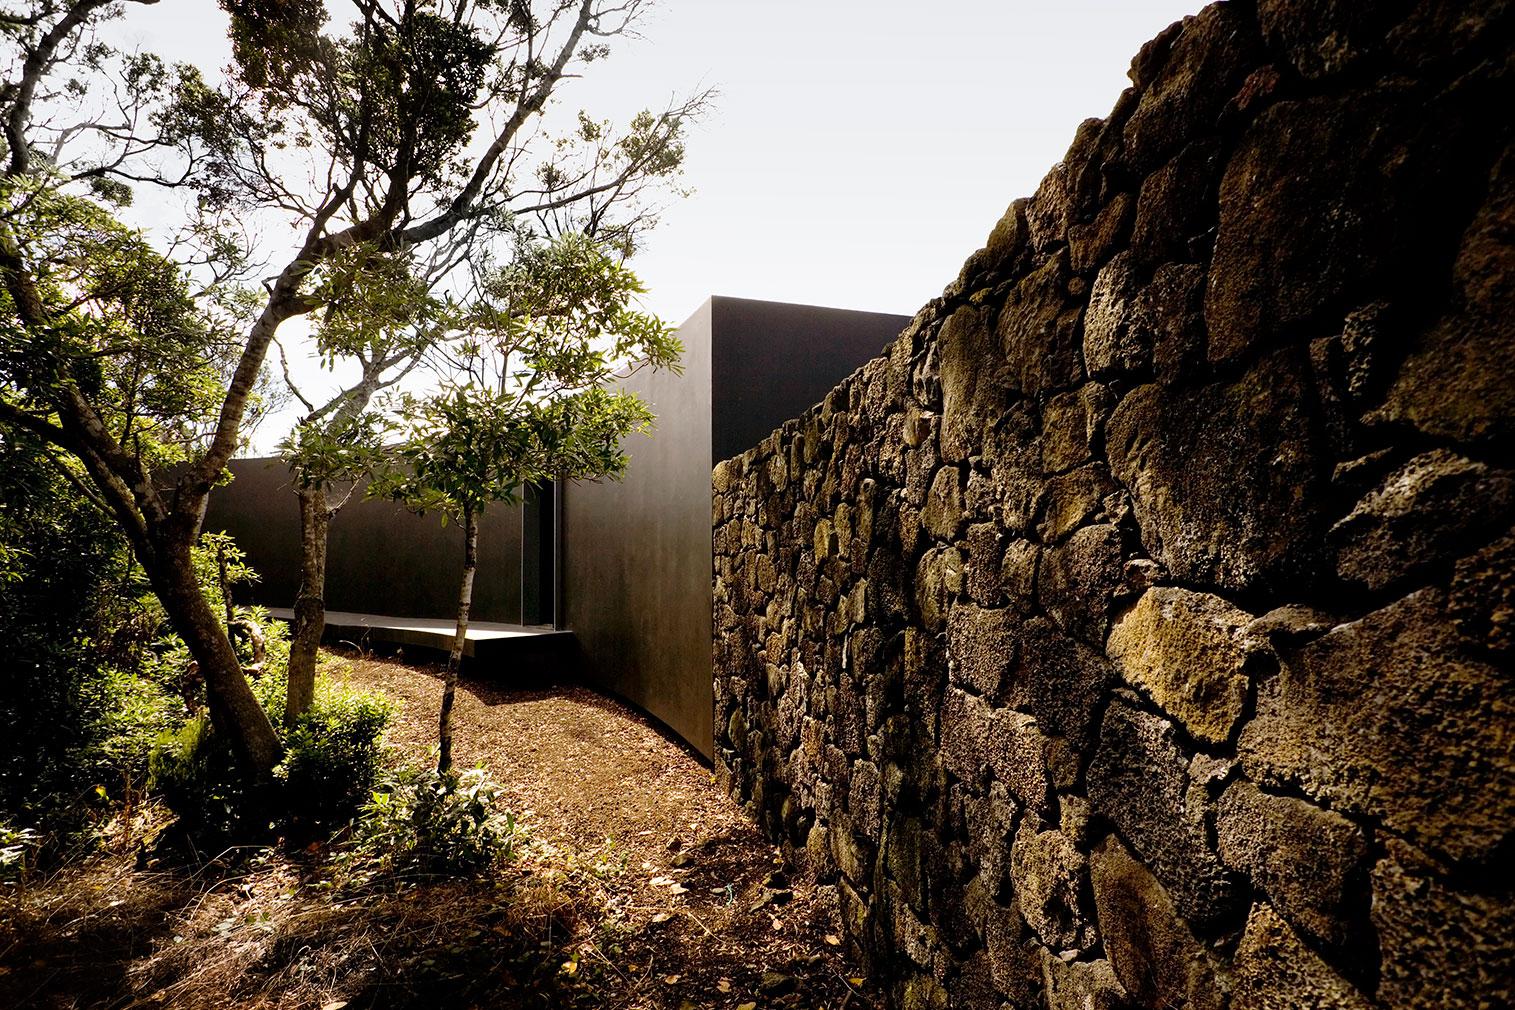 The Gruta das Torres visitor centre, designed by Sami Arquitectos